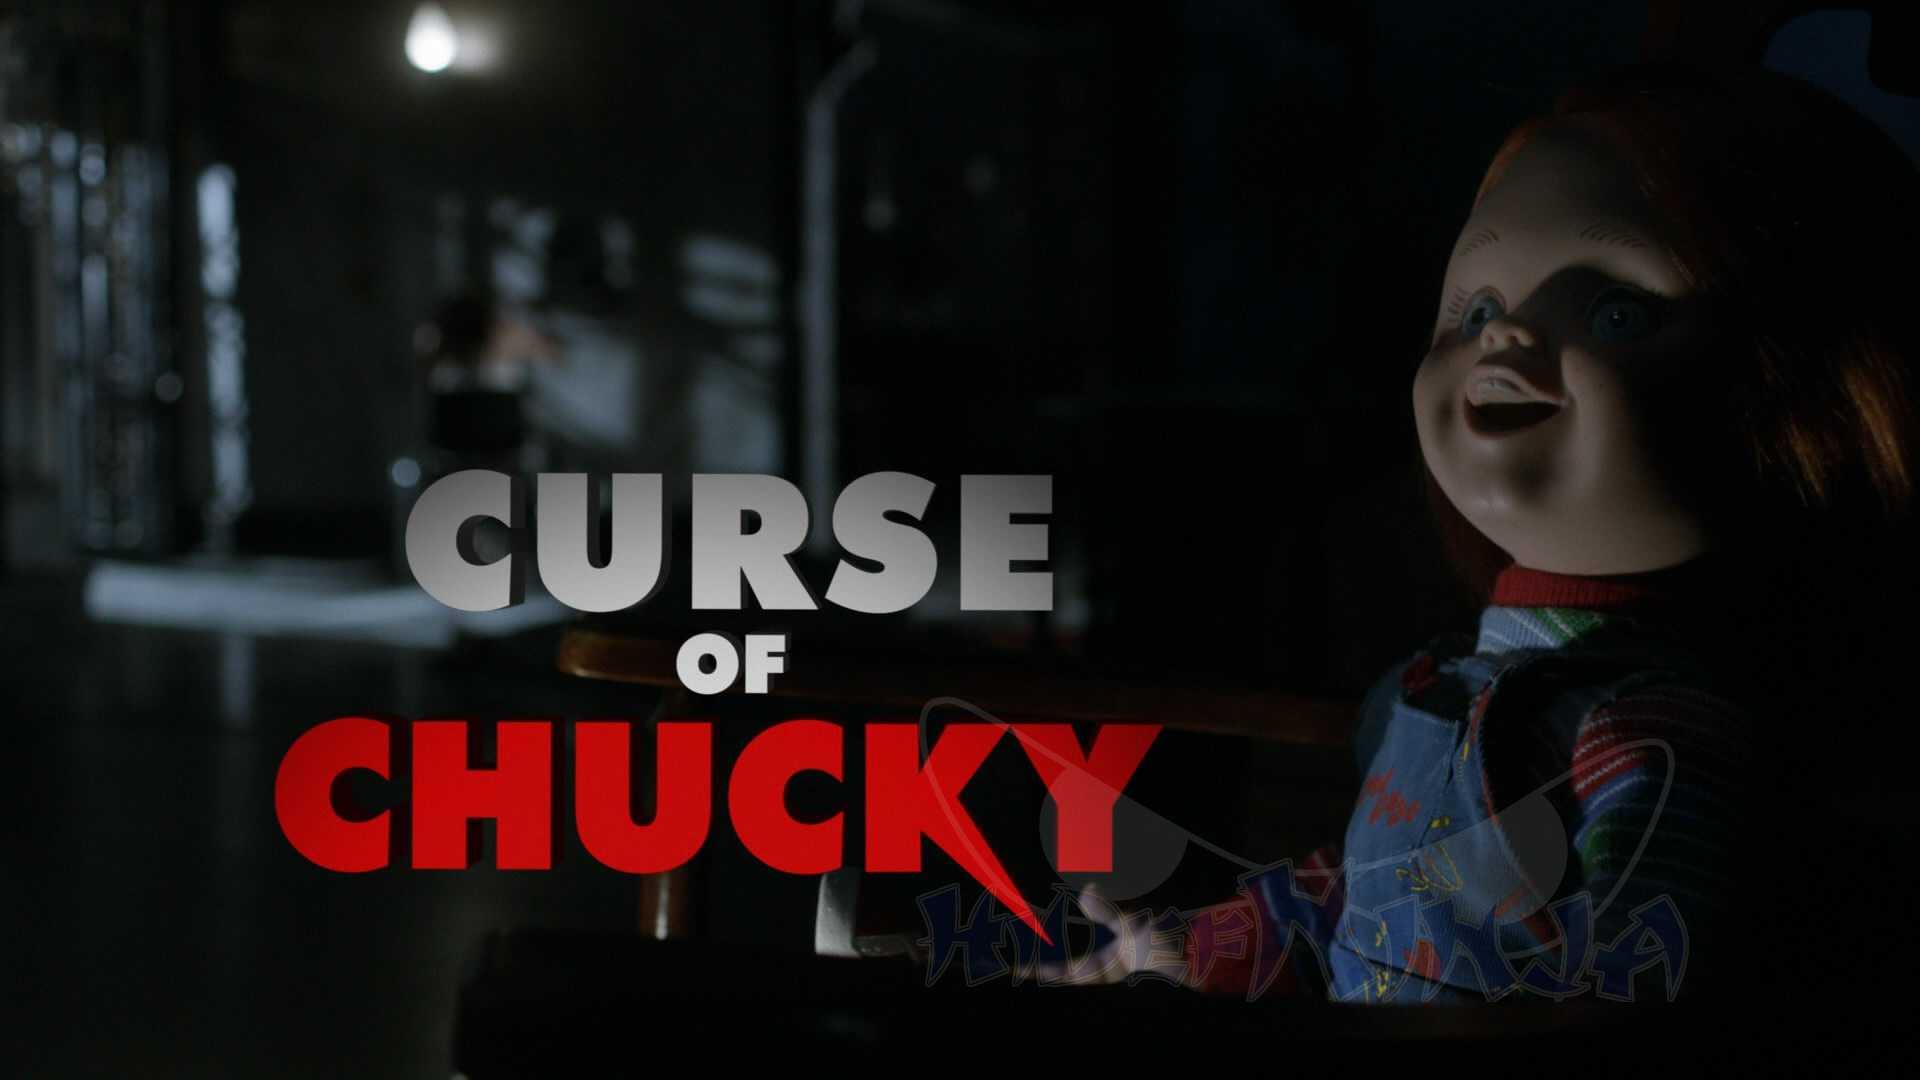 CurseofChucky-1